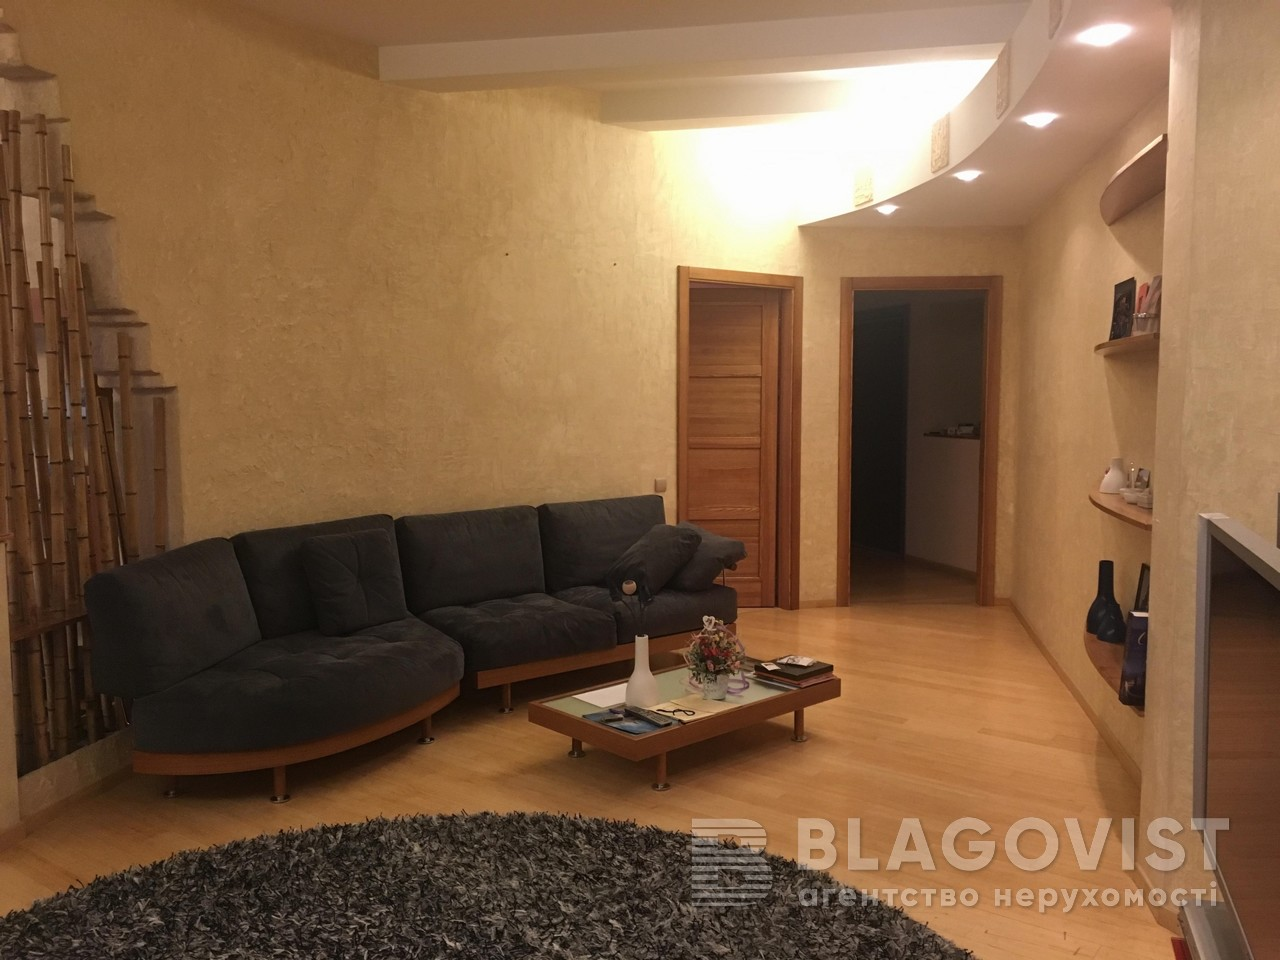 Квартира F-25506, Крещатик, 15, Киев - Фото 7